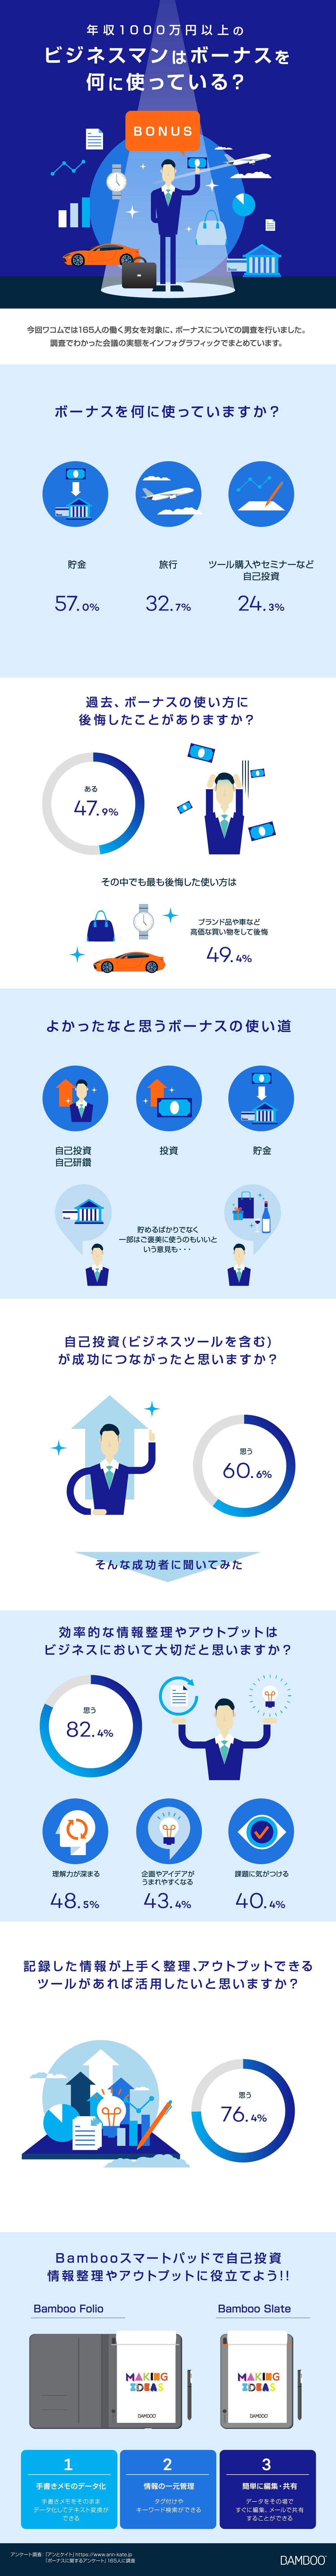 年収1000万円以上のビジネスマンはボーナスを何に使っている?